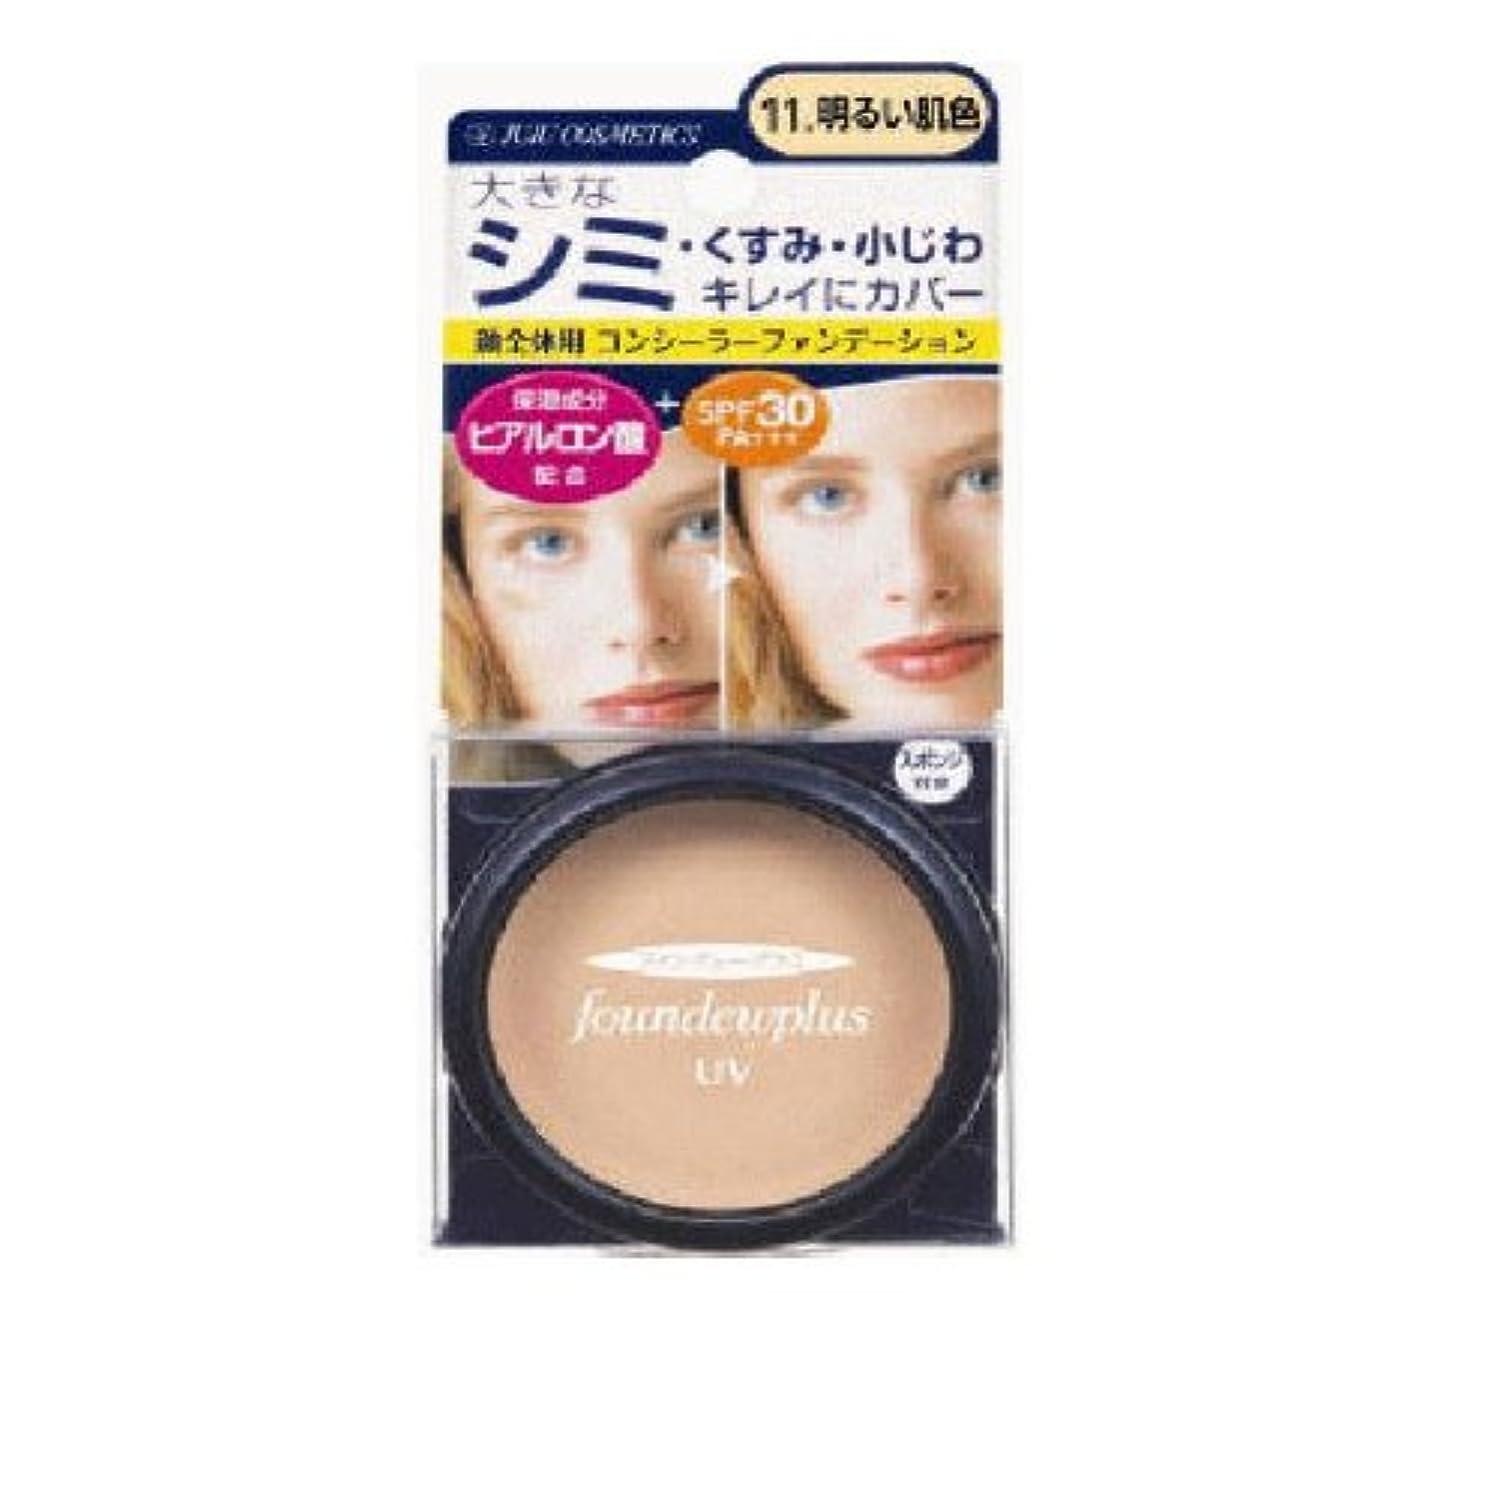 素子オレンジ売るファンデュープラスR UVコンシーラーファンデーション 11.明るい肌色